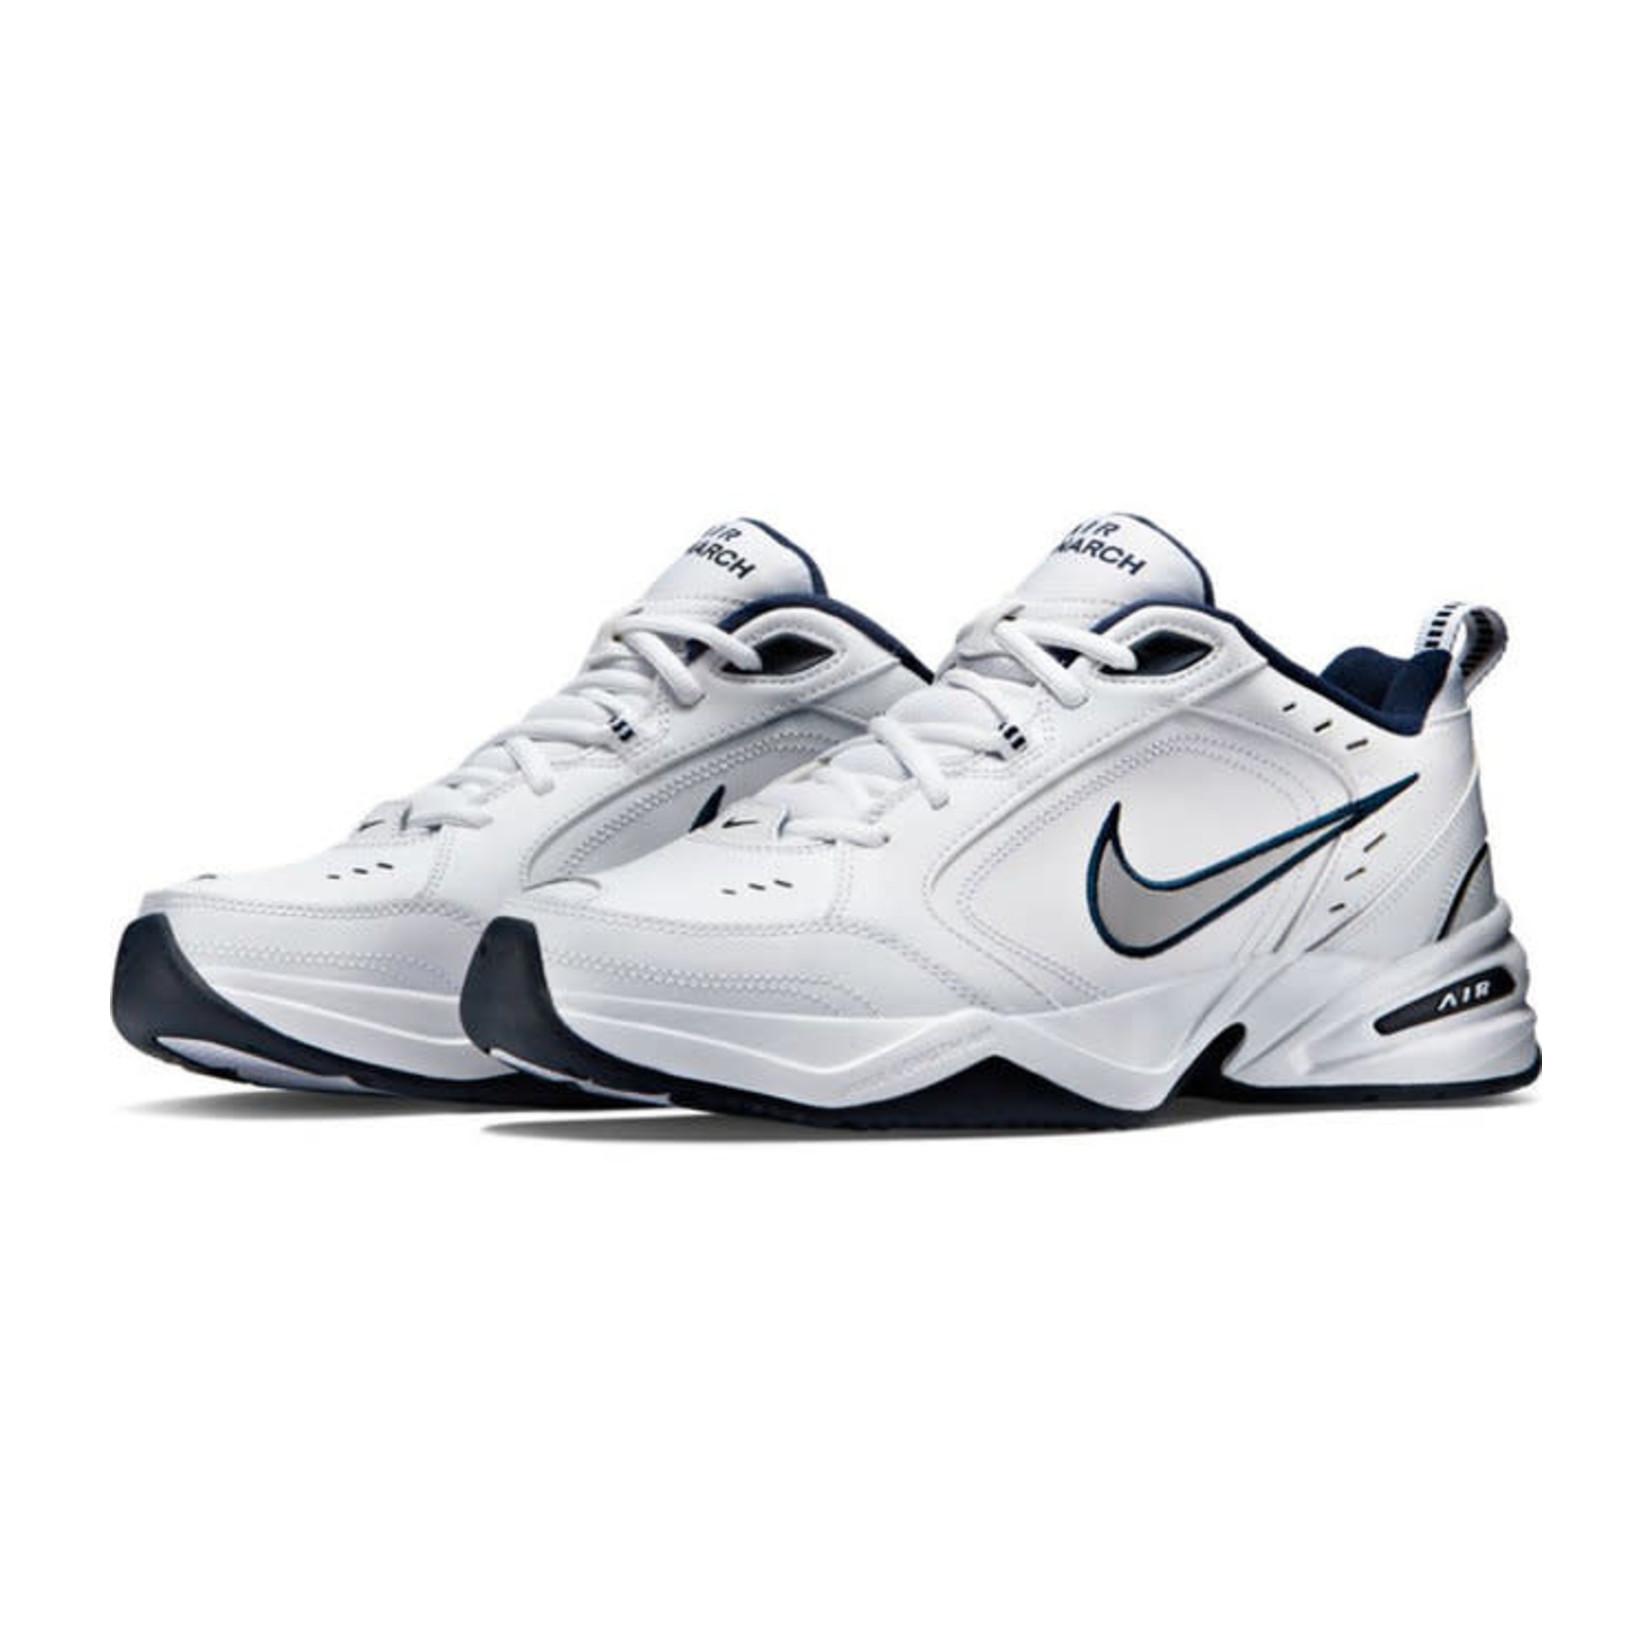 Nike Nike Training Shoes, Air Monarch IV, Mens